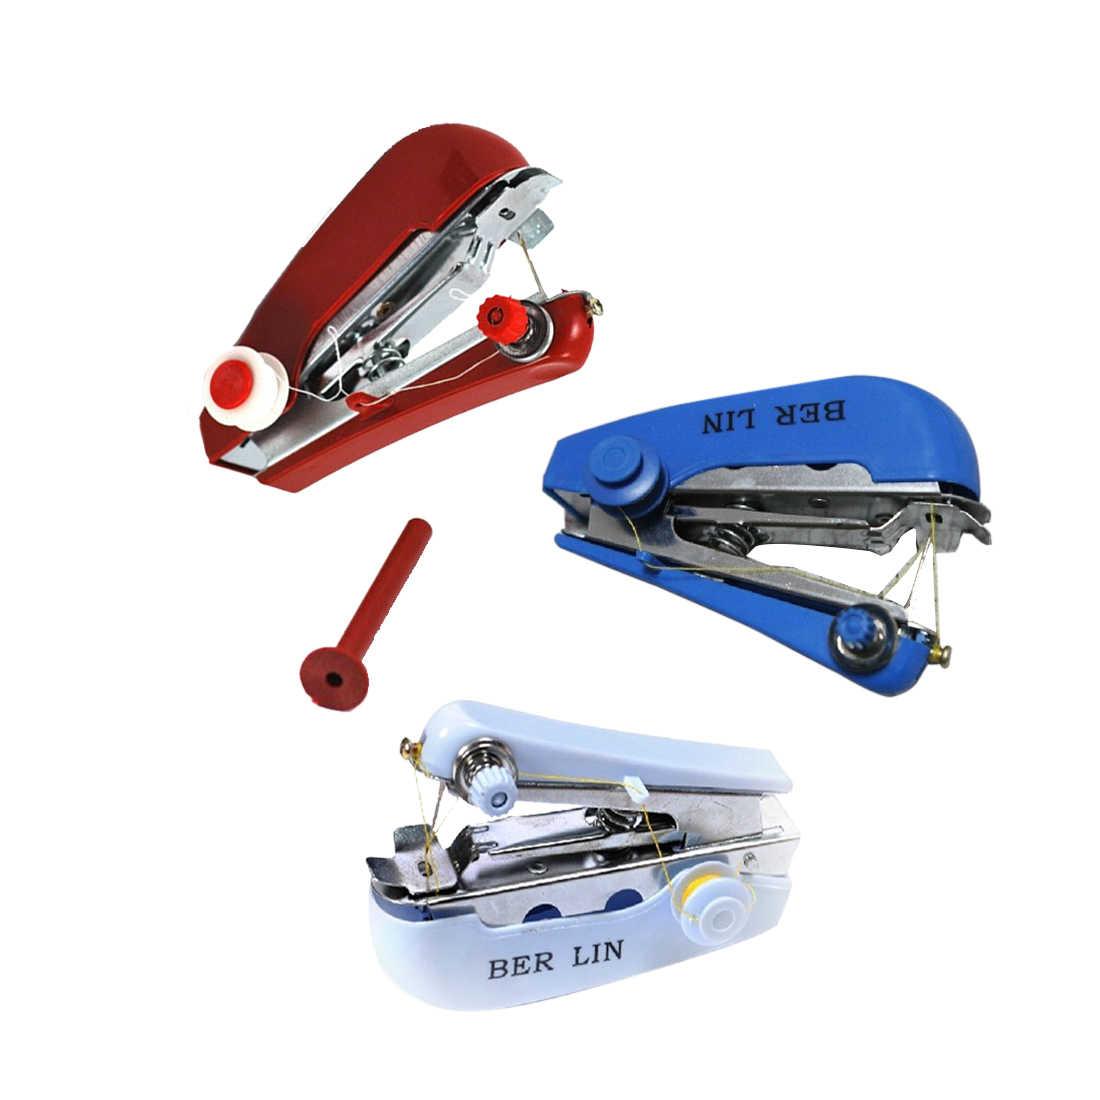 11*7*4cm Mini máquina de coser a mano DIY Color aleatorio práctico máquina de coser herramienta máquina de costura Accesorios